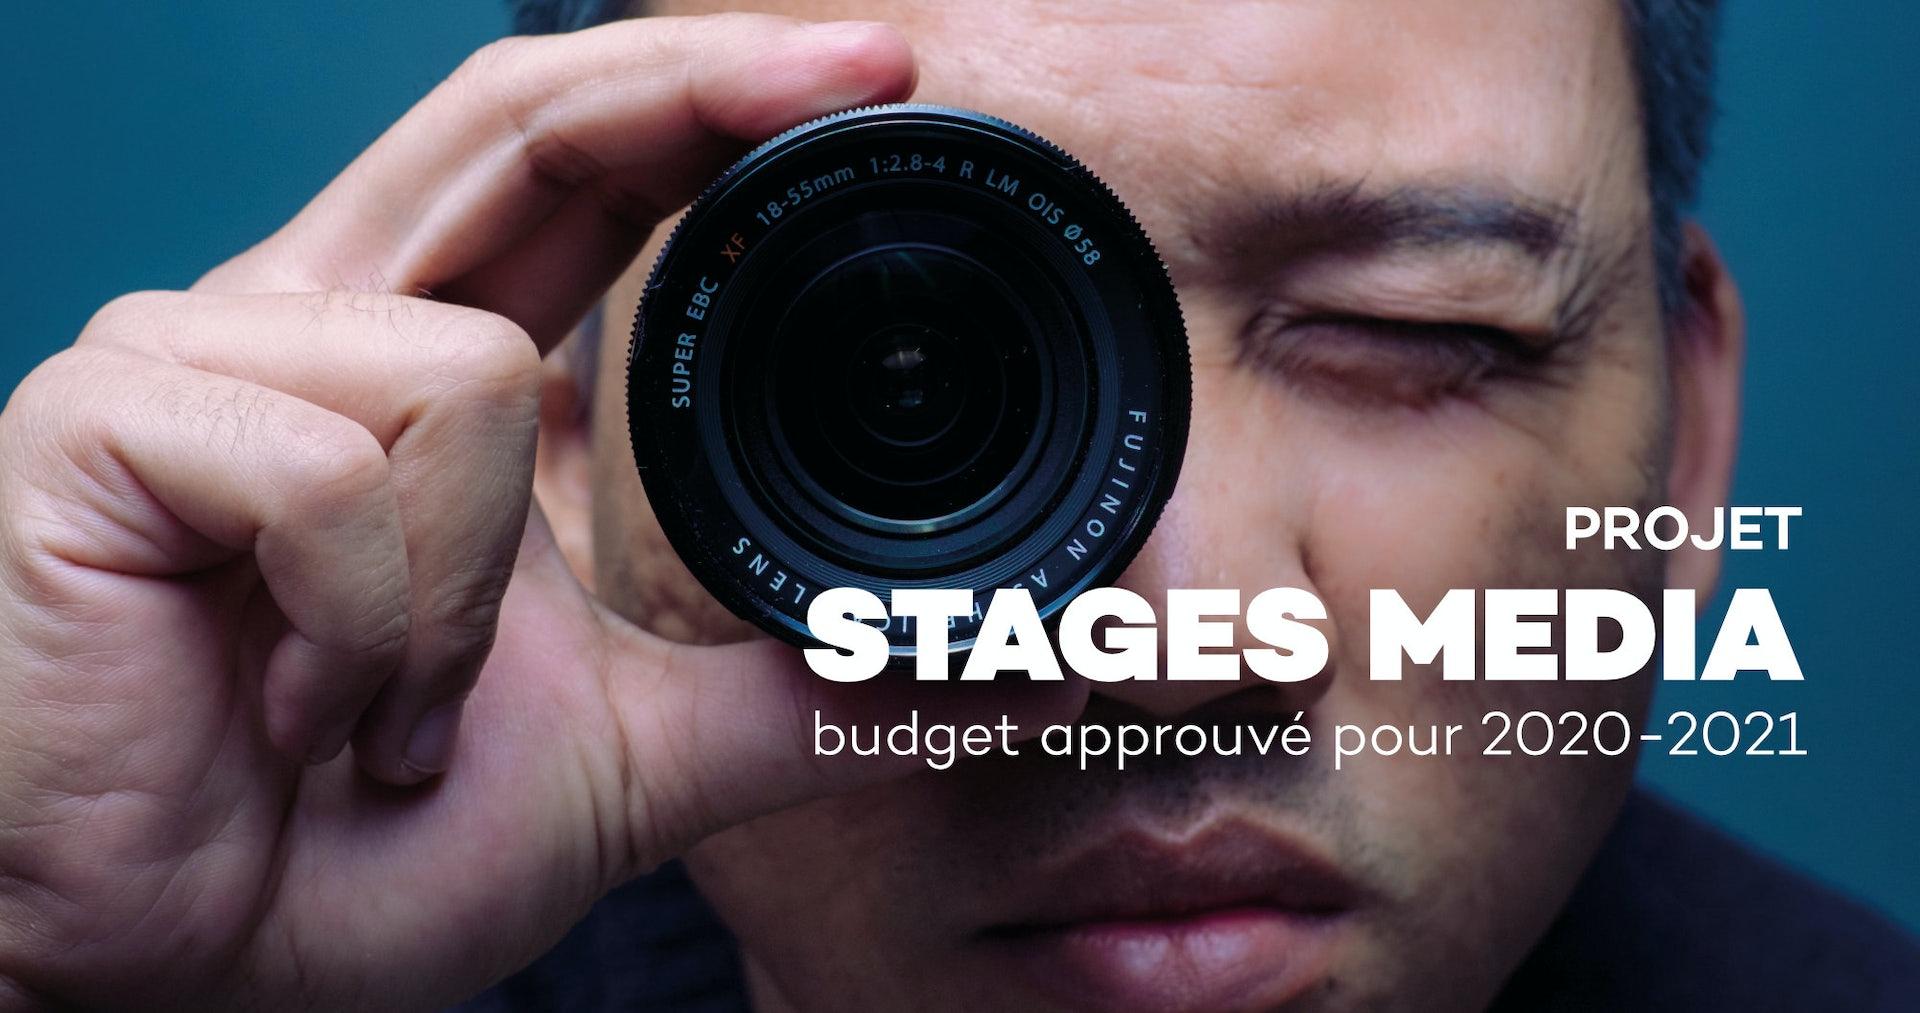 Le projet stages média